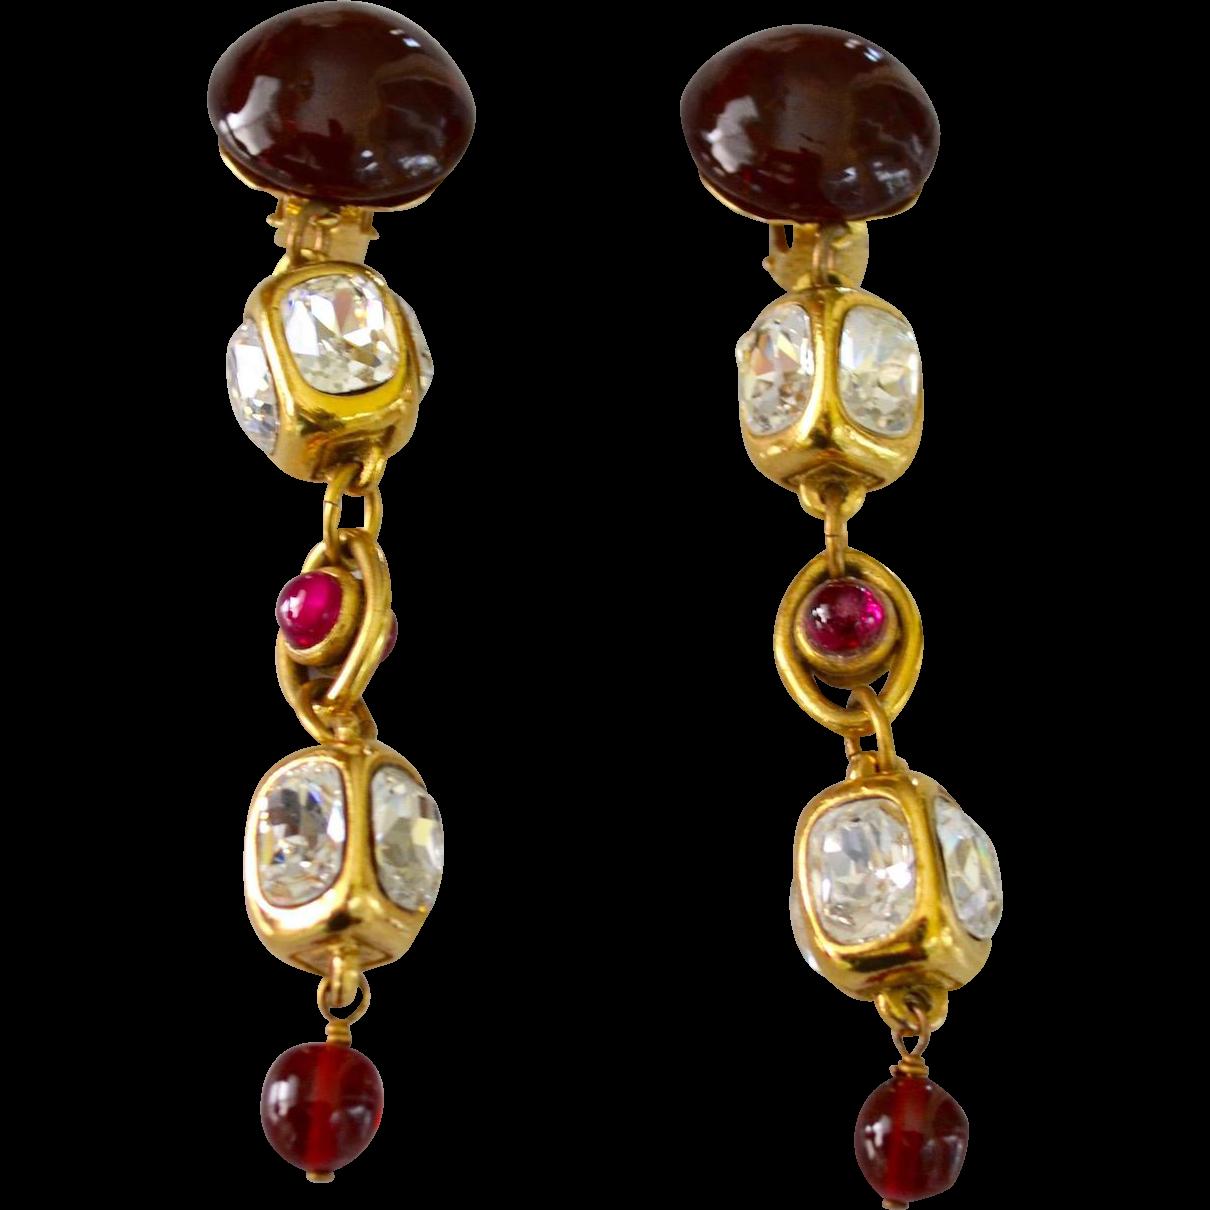 Vintage Chanel 12k Gold Plate Gripoix Gl Chandelier Earrings